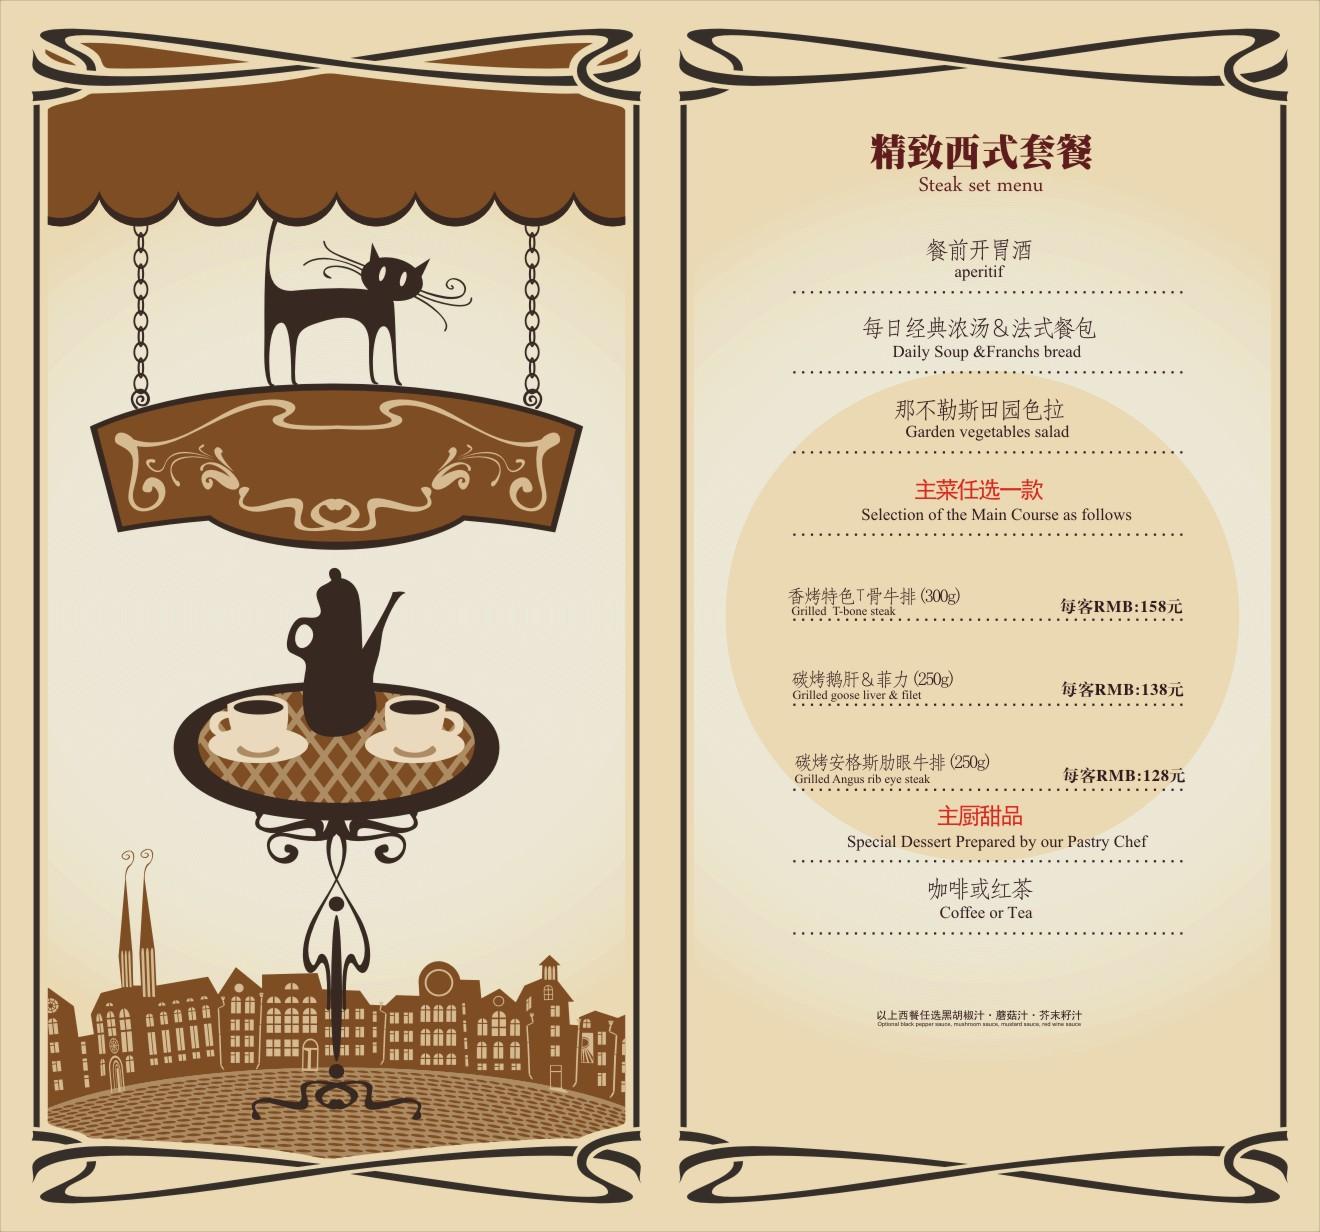 13菜谱册休闲西餐厅 西餐厅菜单 咖啡店菜单 会所